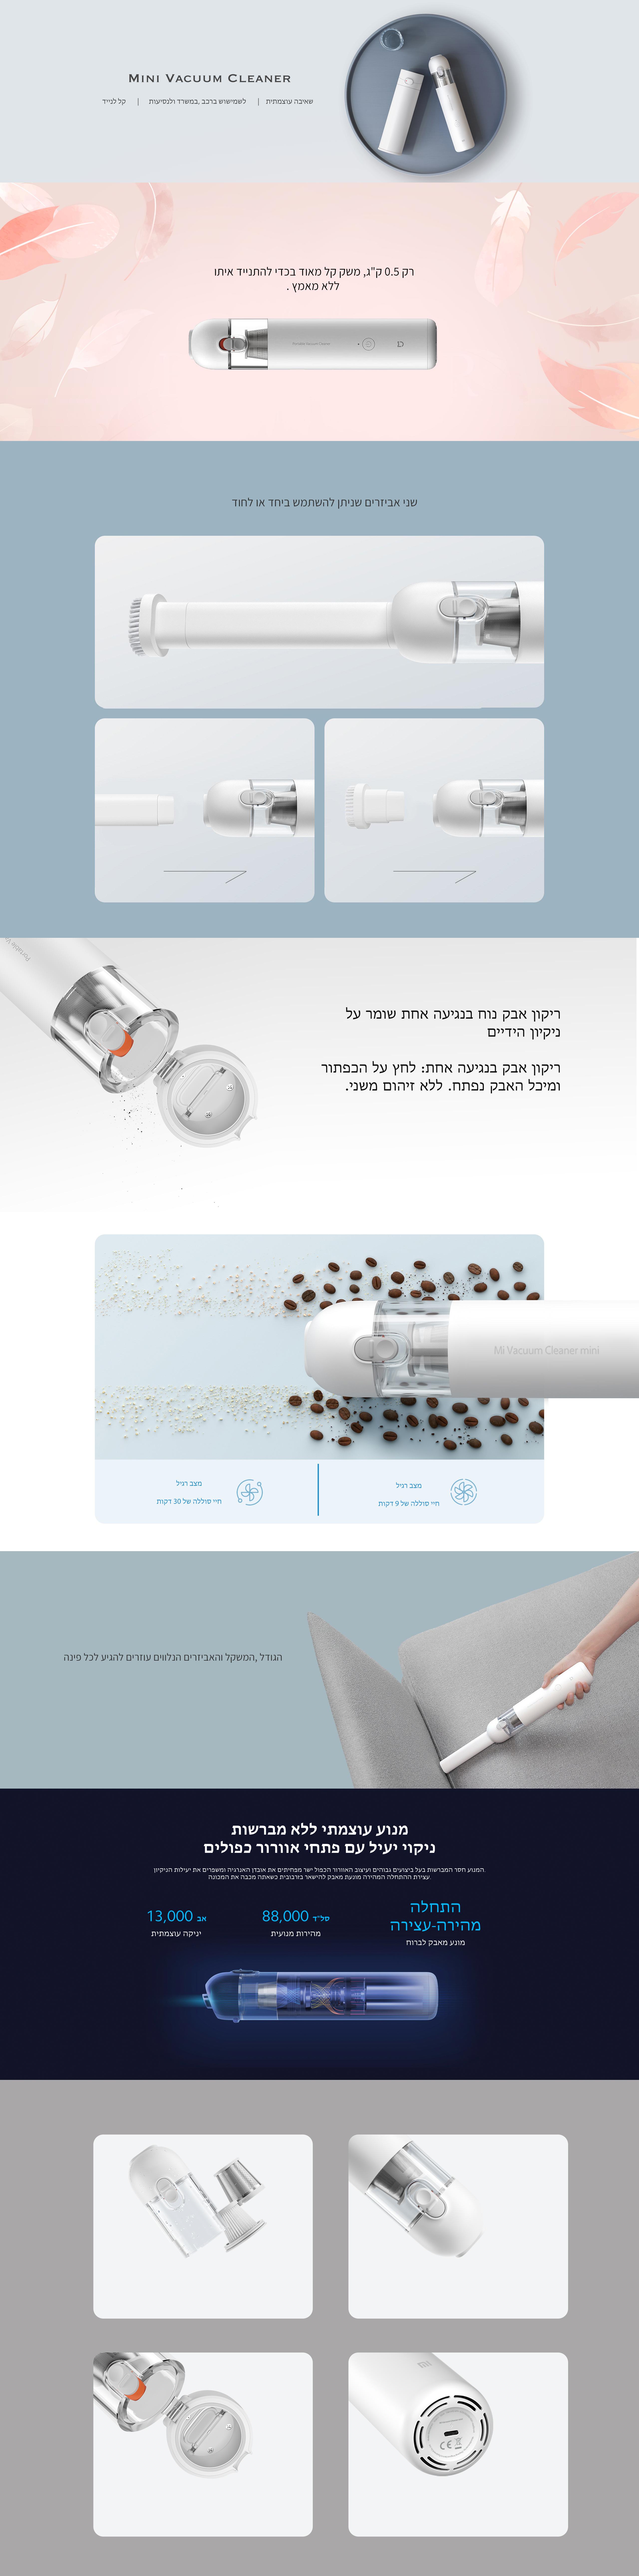 שואב אבק אלחוטי נטען  Mi Vacuum Cleaner Mini מבית שיאומי יבוא מקביל   שואבי אבק אלחוטיים של Xiaomi הכי זולים בארץ! 25